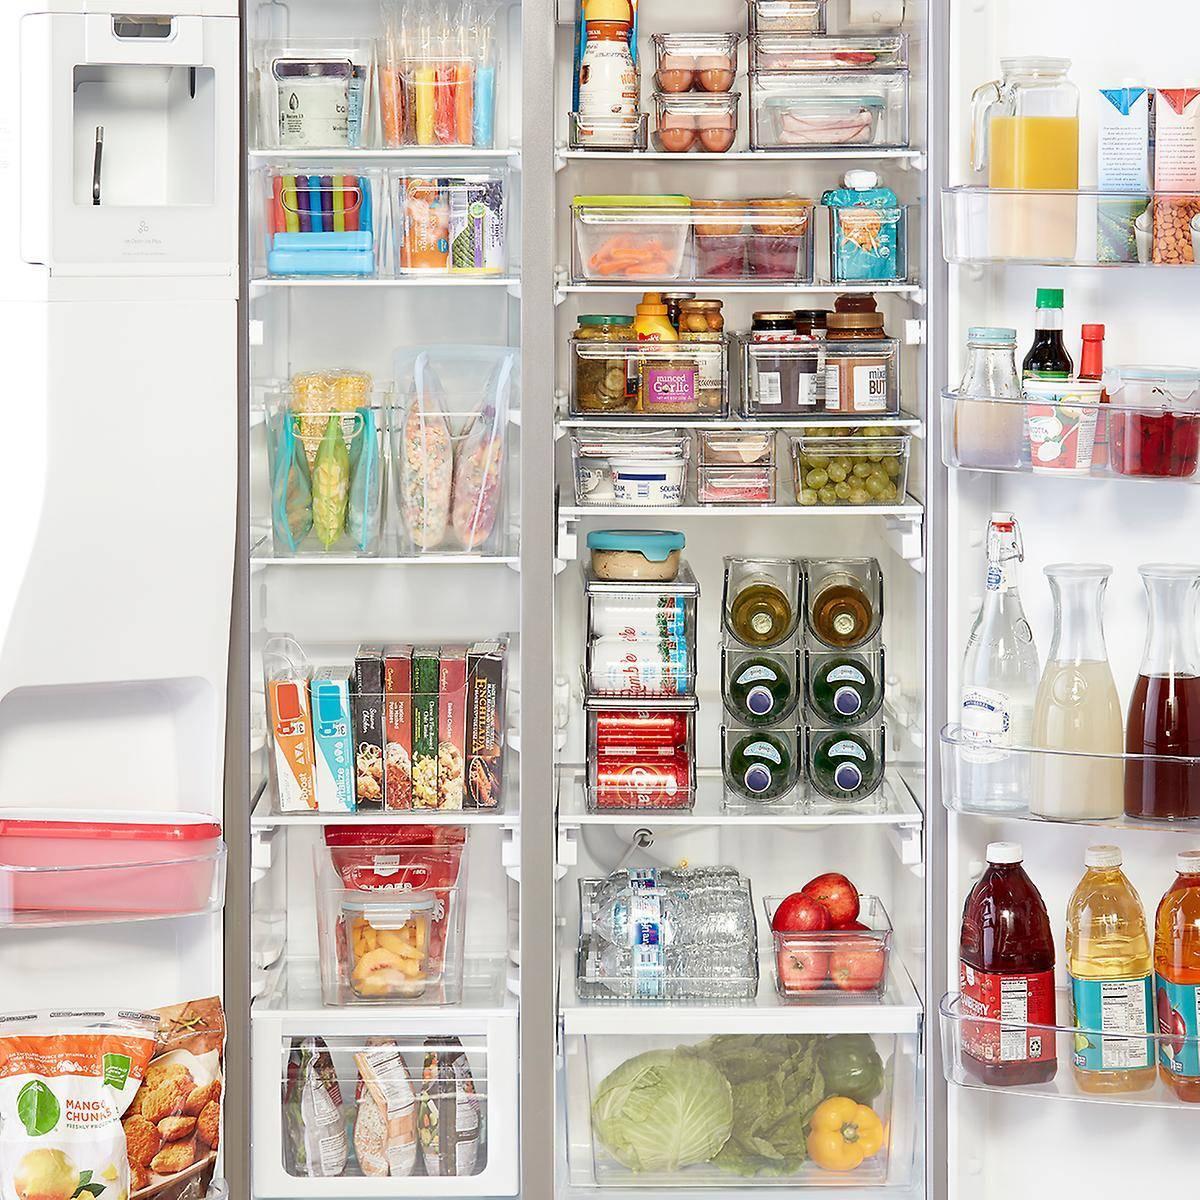 Как грамотно и экономно использовать пространство в холодильнике